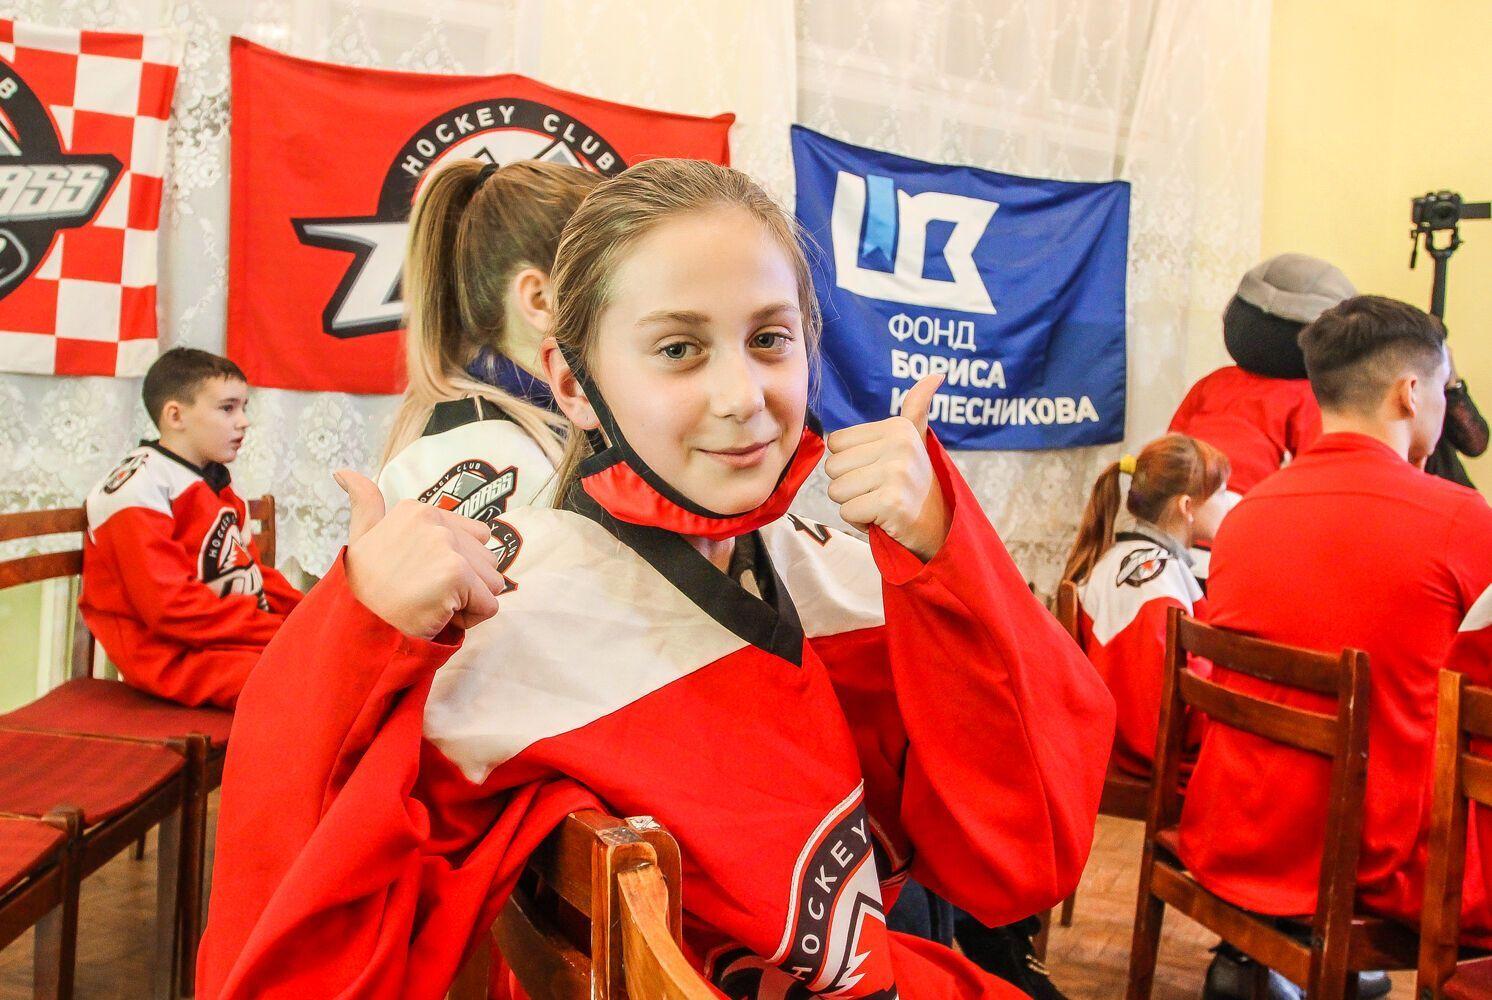 Проєкт стимулює молодих, активних, ініціативних людей цікавитися хокеєм і футболом